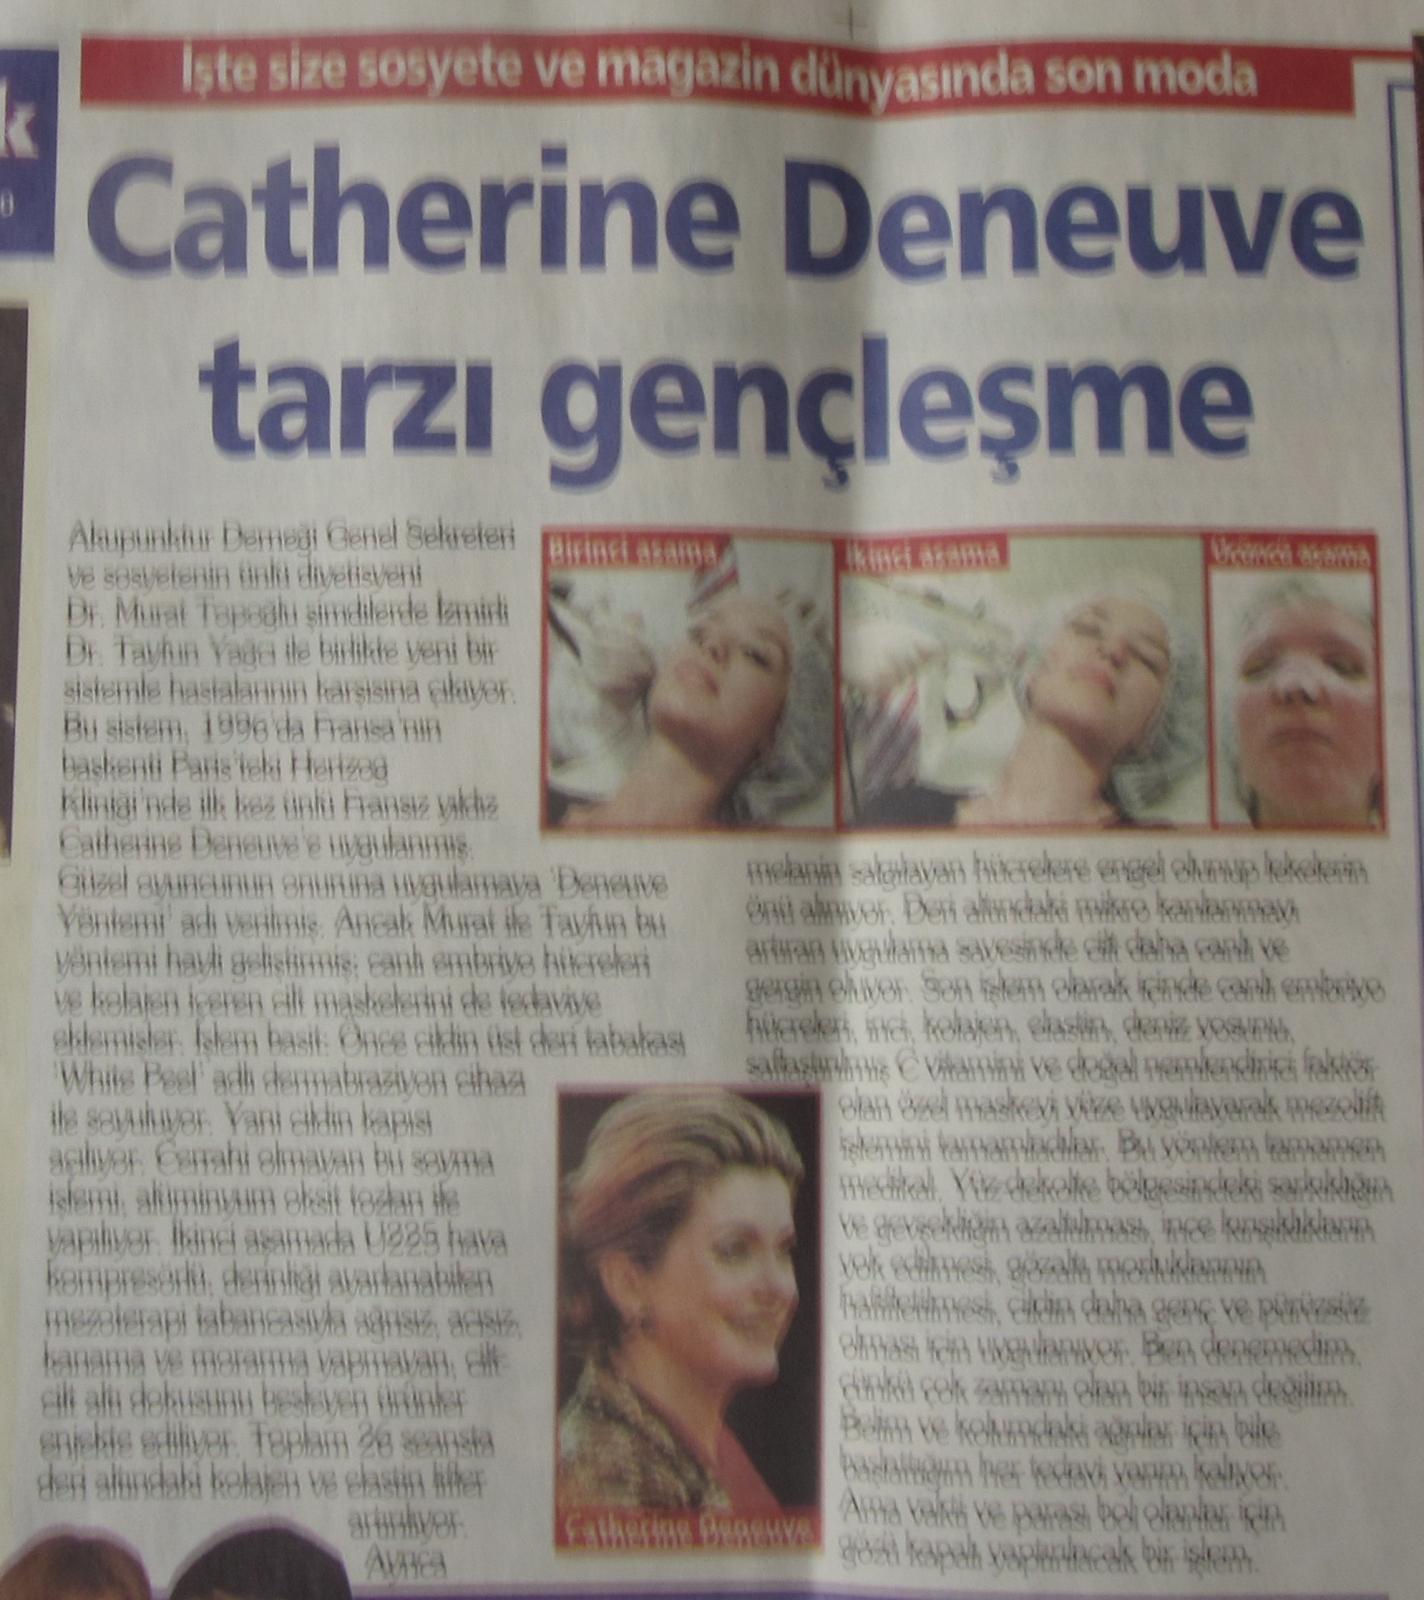 Catherine Deneuve Tarzı Gençleşme